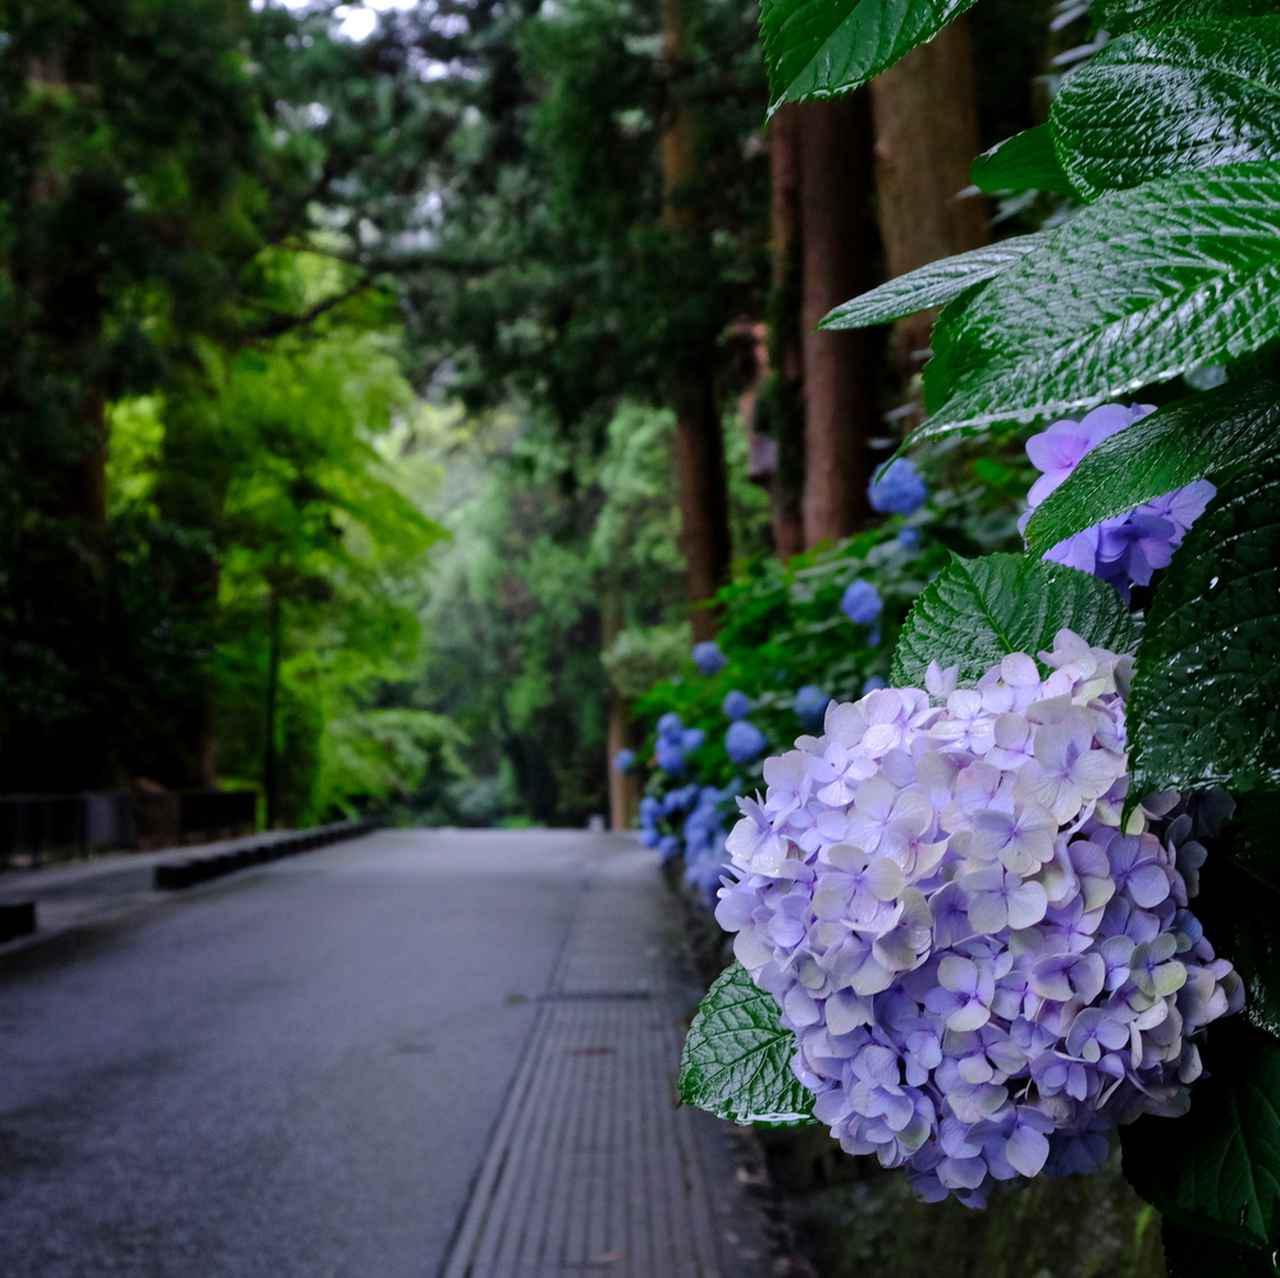 画像: さて次のスポットは「瑞鳳殿」。雨が似合うアジサイがあちらこちらに咲いています。ここは、独眼竜で知られる仙台藩初代藩主伊達政宗の御霊が祀られる霊屋です。